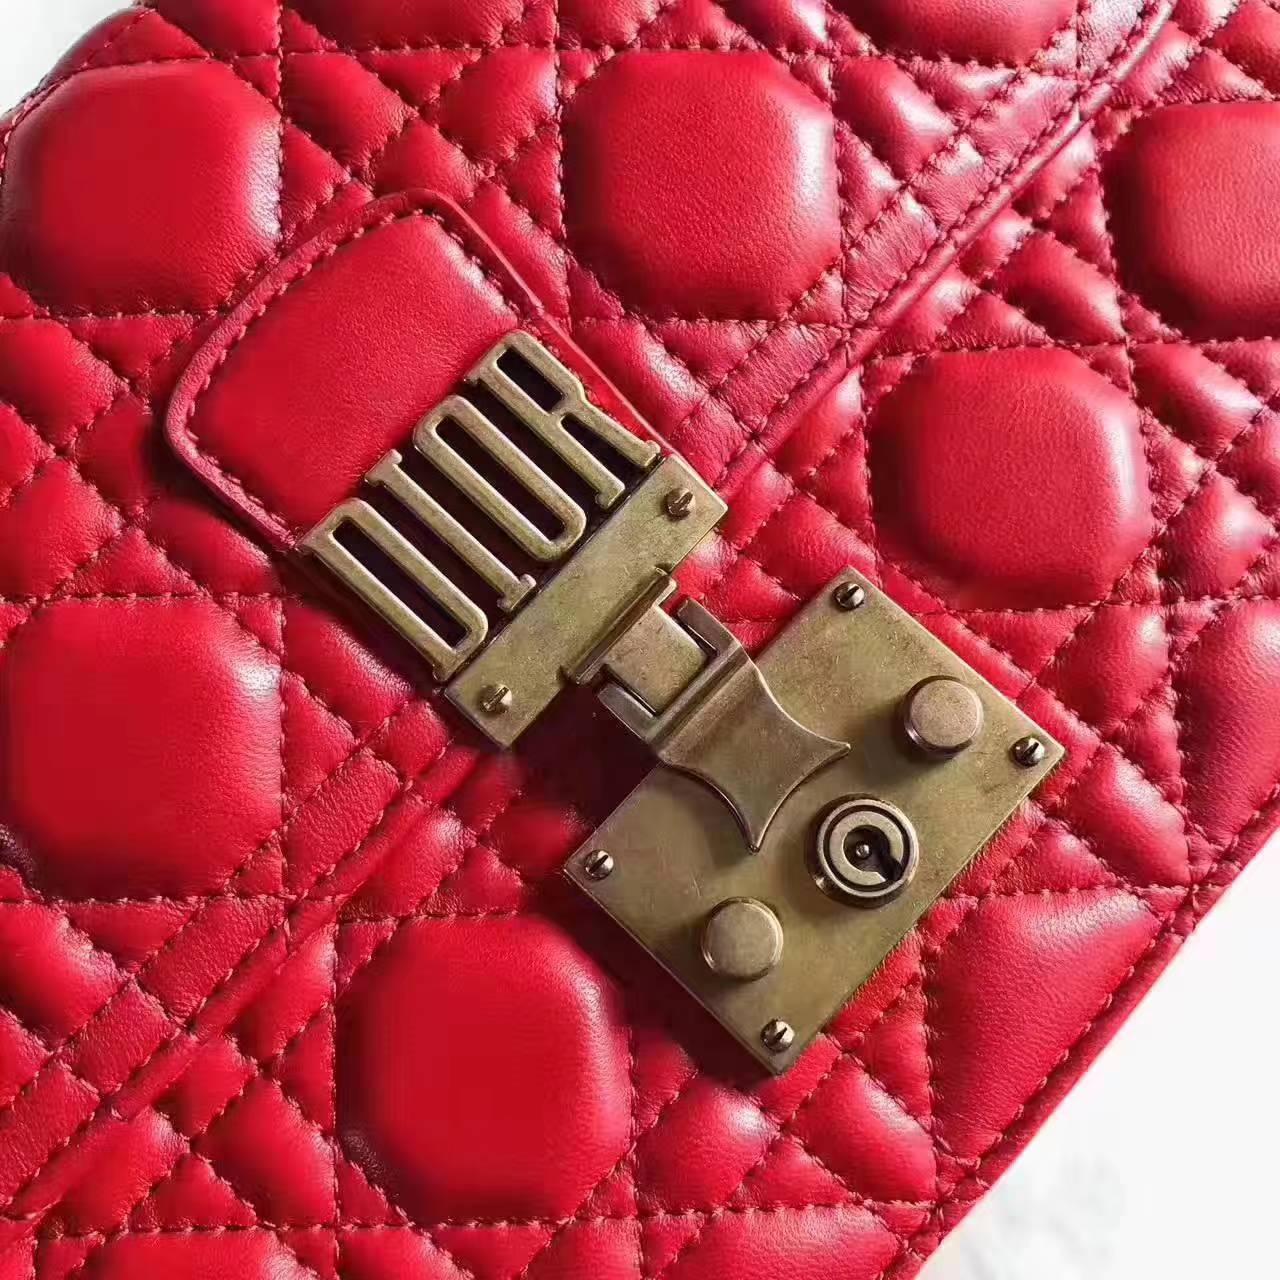 Dior包包官网 迪奥顶级小羊皮菱格DiorAddict链条包单肩包包24cm 大红色